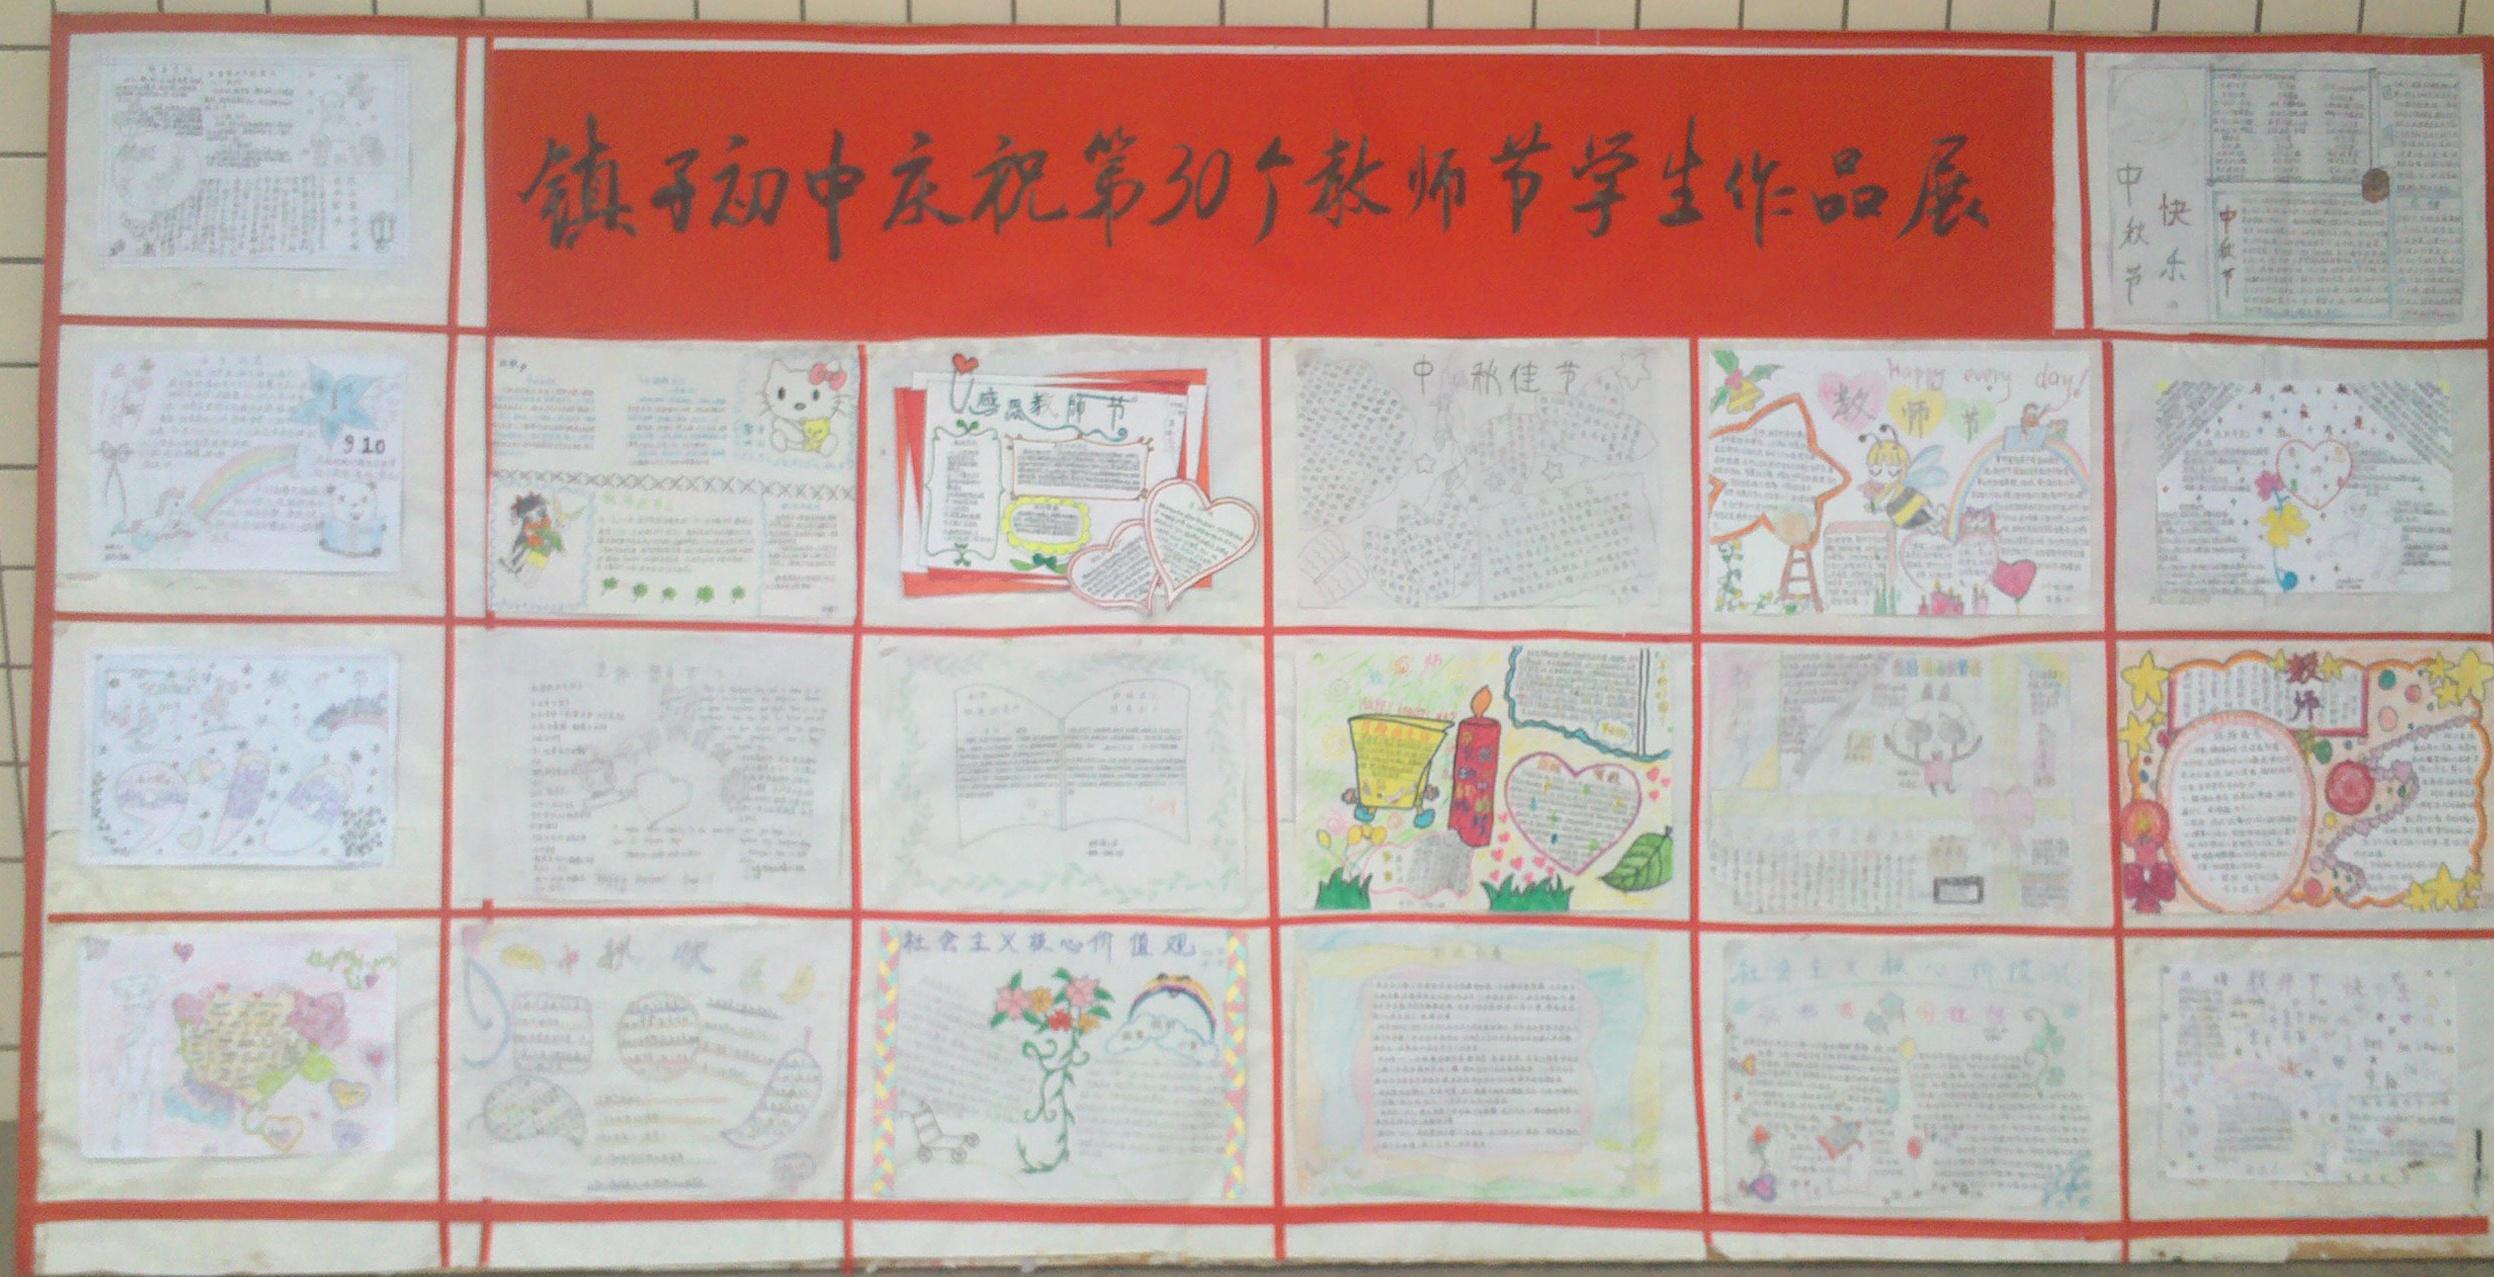 镇子初中 举办庆祝教师节黑板报 手抄报比赛图片